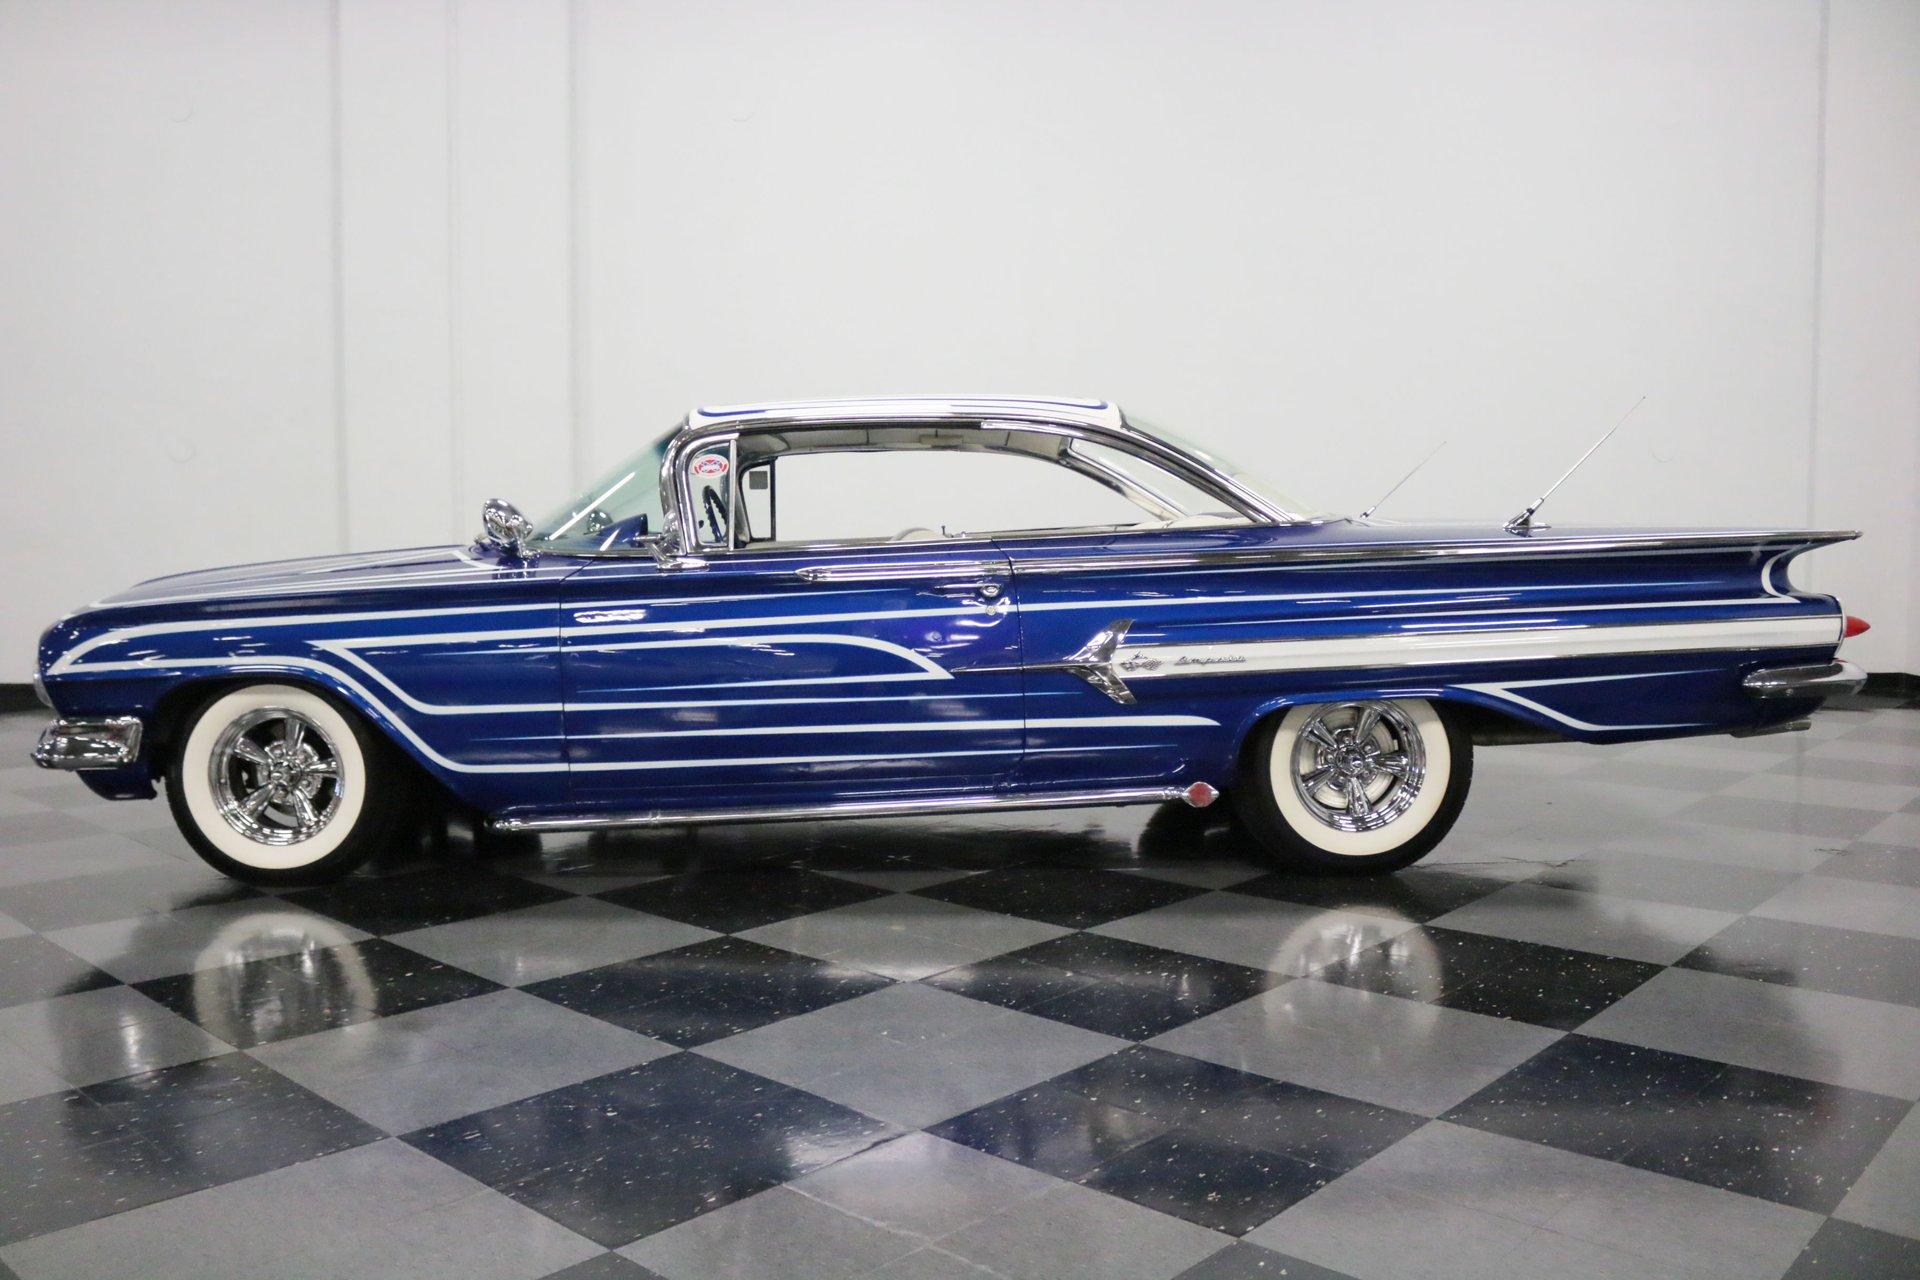 1960 chevrolet impala hardtop